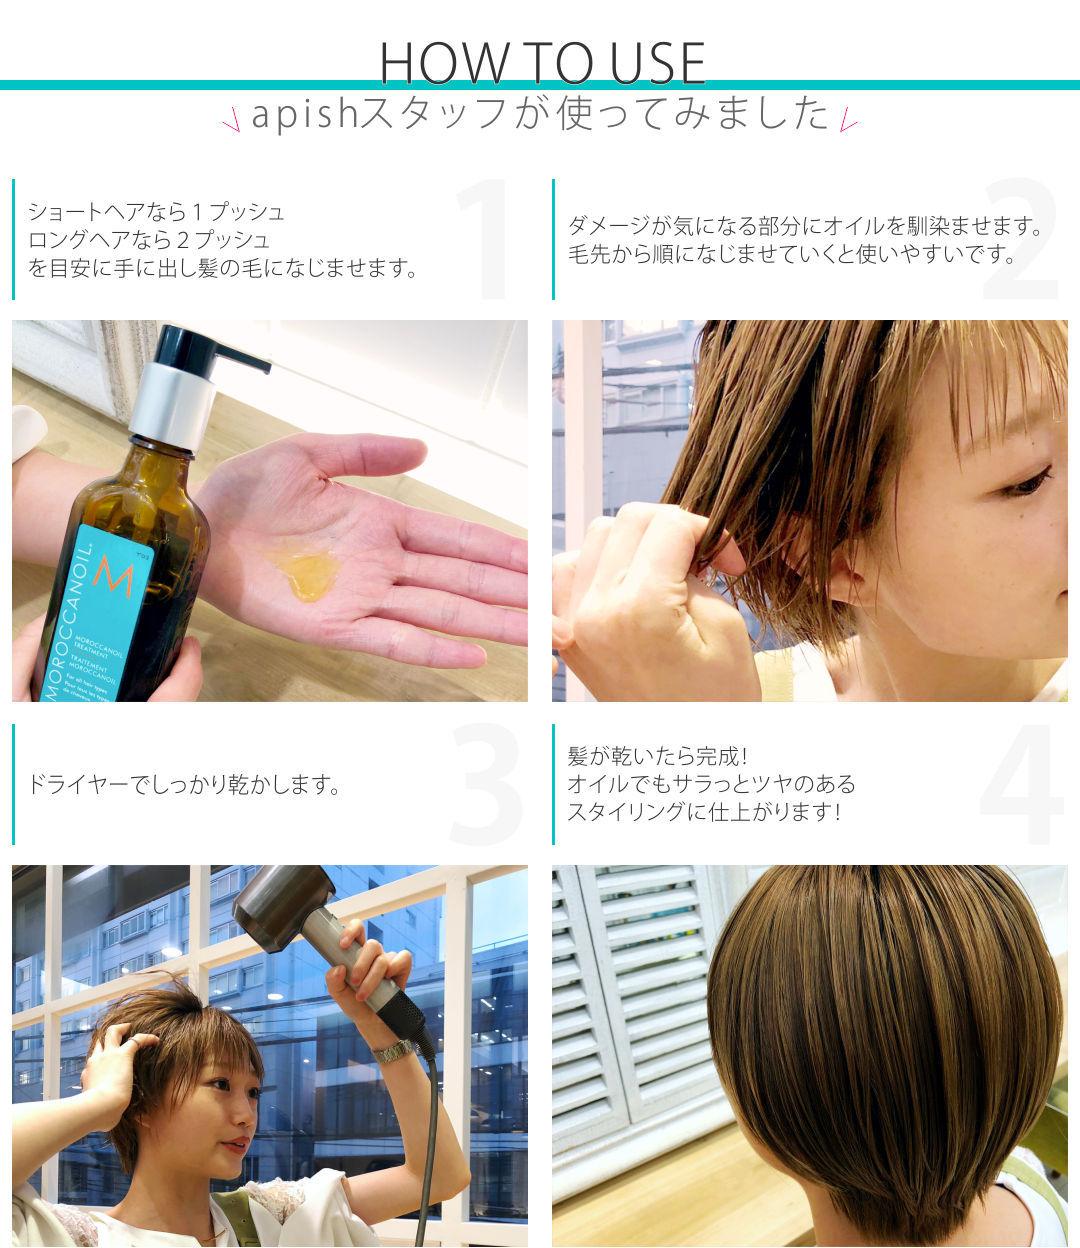 HOW TO USEショートヘアなら1プッシュロングヘアなら2プッシュを目安に手に出し髪の毛になじませます。ダメージが気になる部分にオイルを馴染ませます。毛先から順になじませていくと使いやすいです。ドライヤーでしっかり乾かします。髪が乾いたら完成!オイルでもサラっとツヤのあるスタイリングに仕上がります!